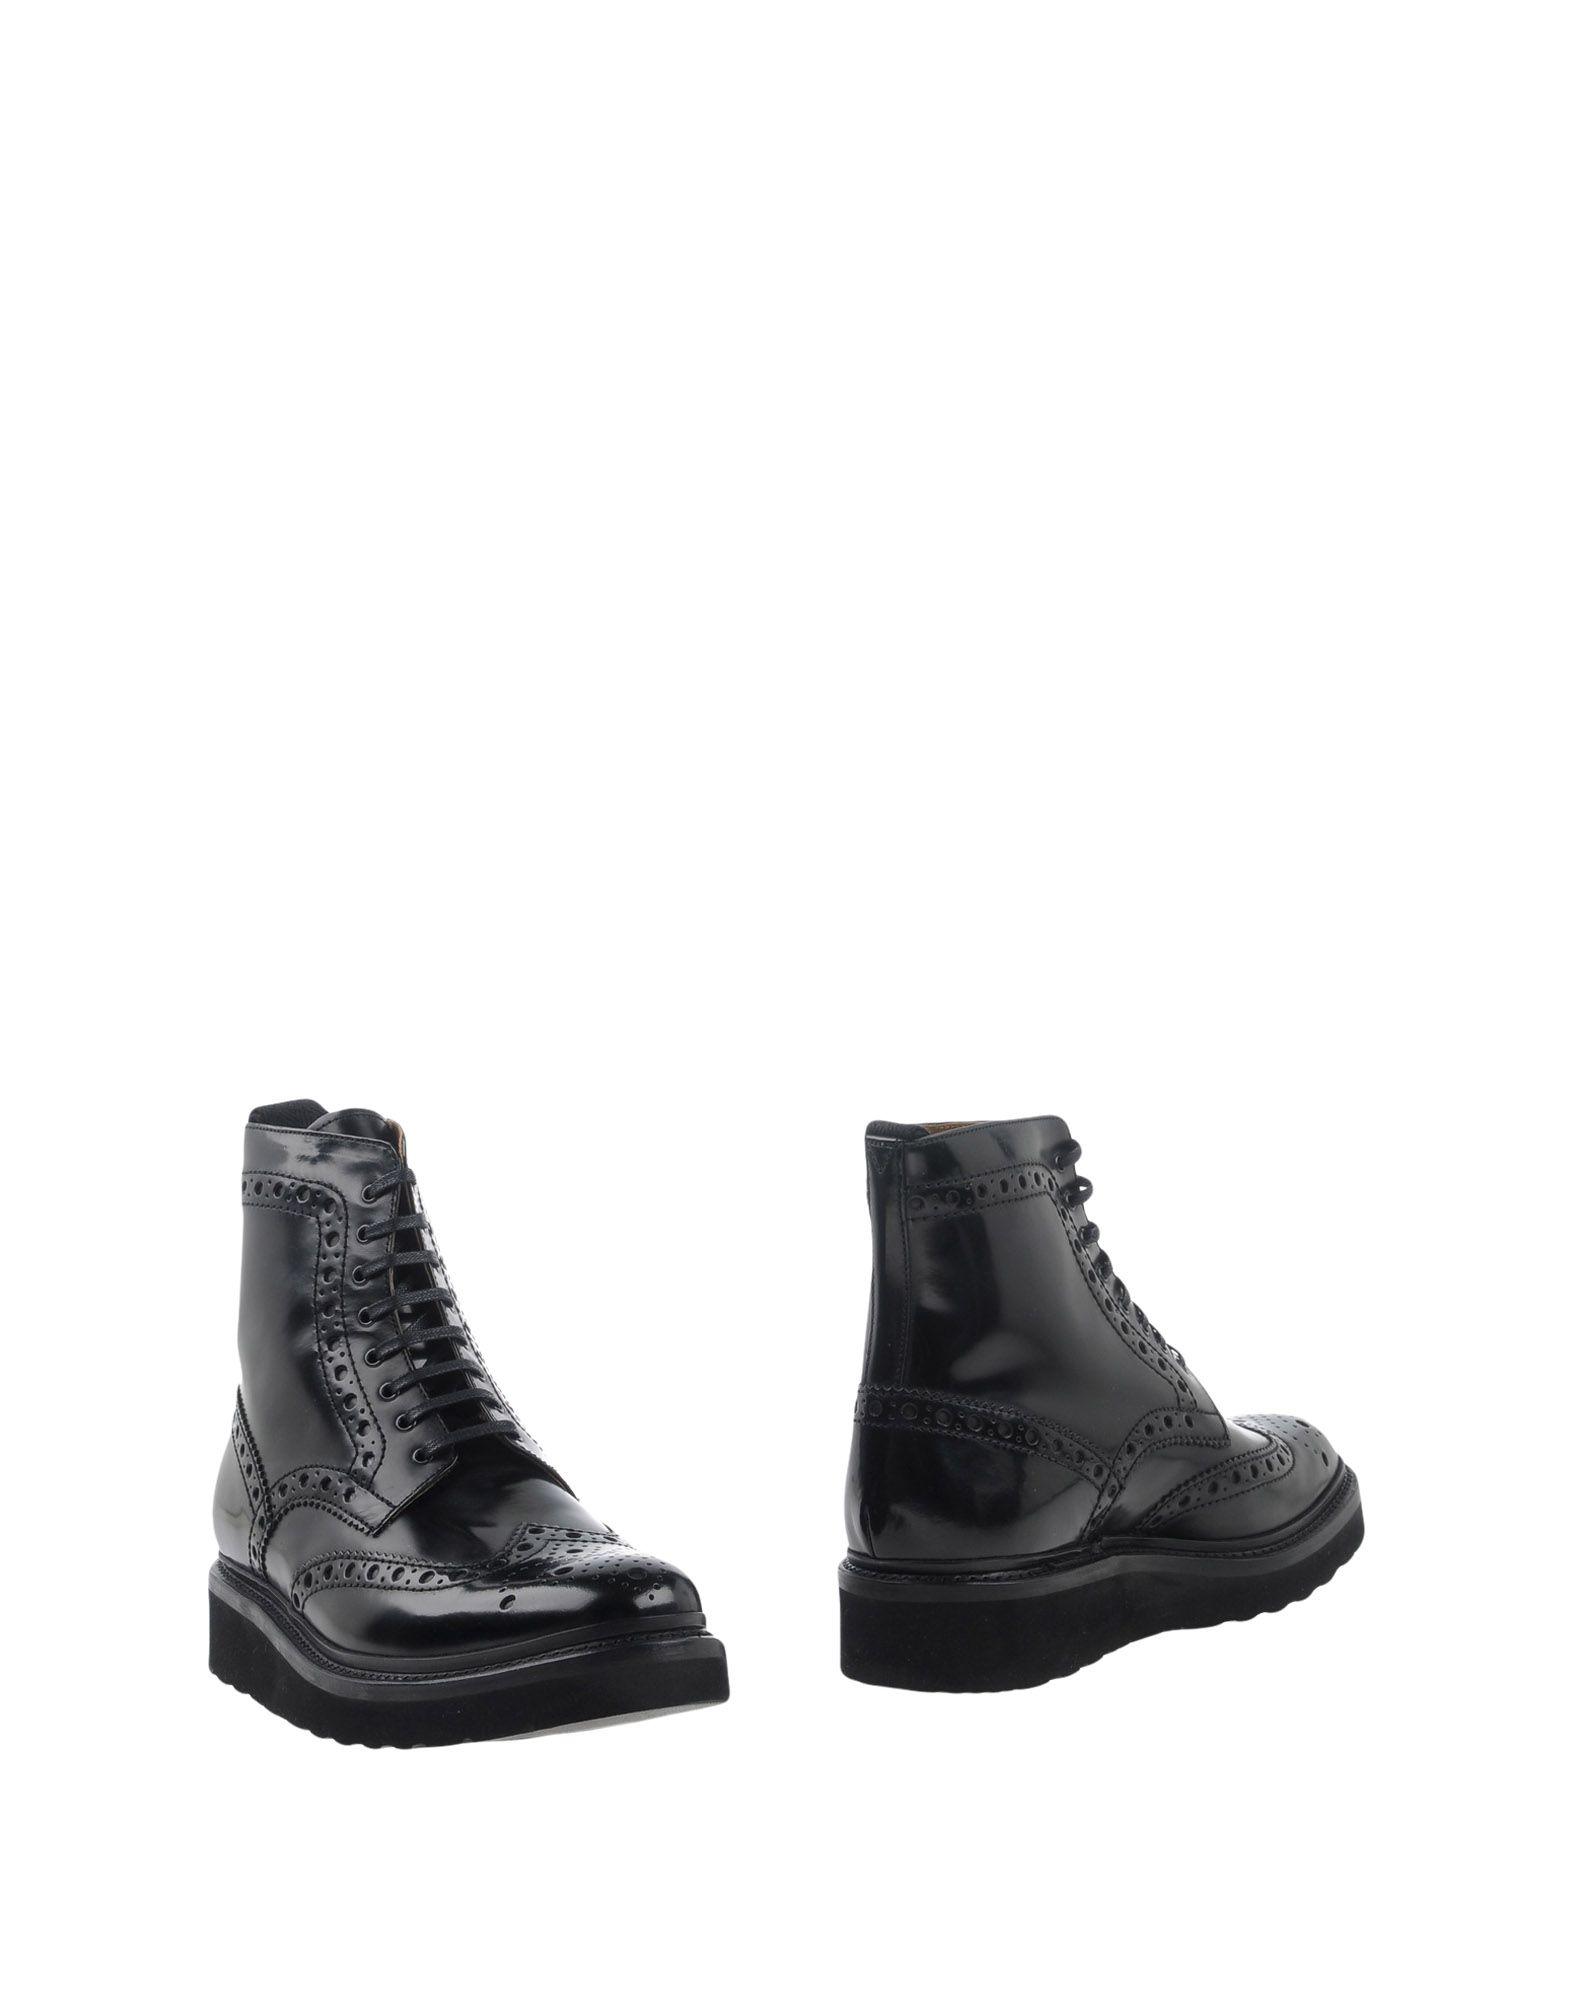 Grenson Stiefelette Herren  11266494KT Gute Qualität beliebte Schuhe